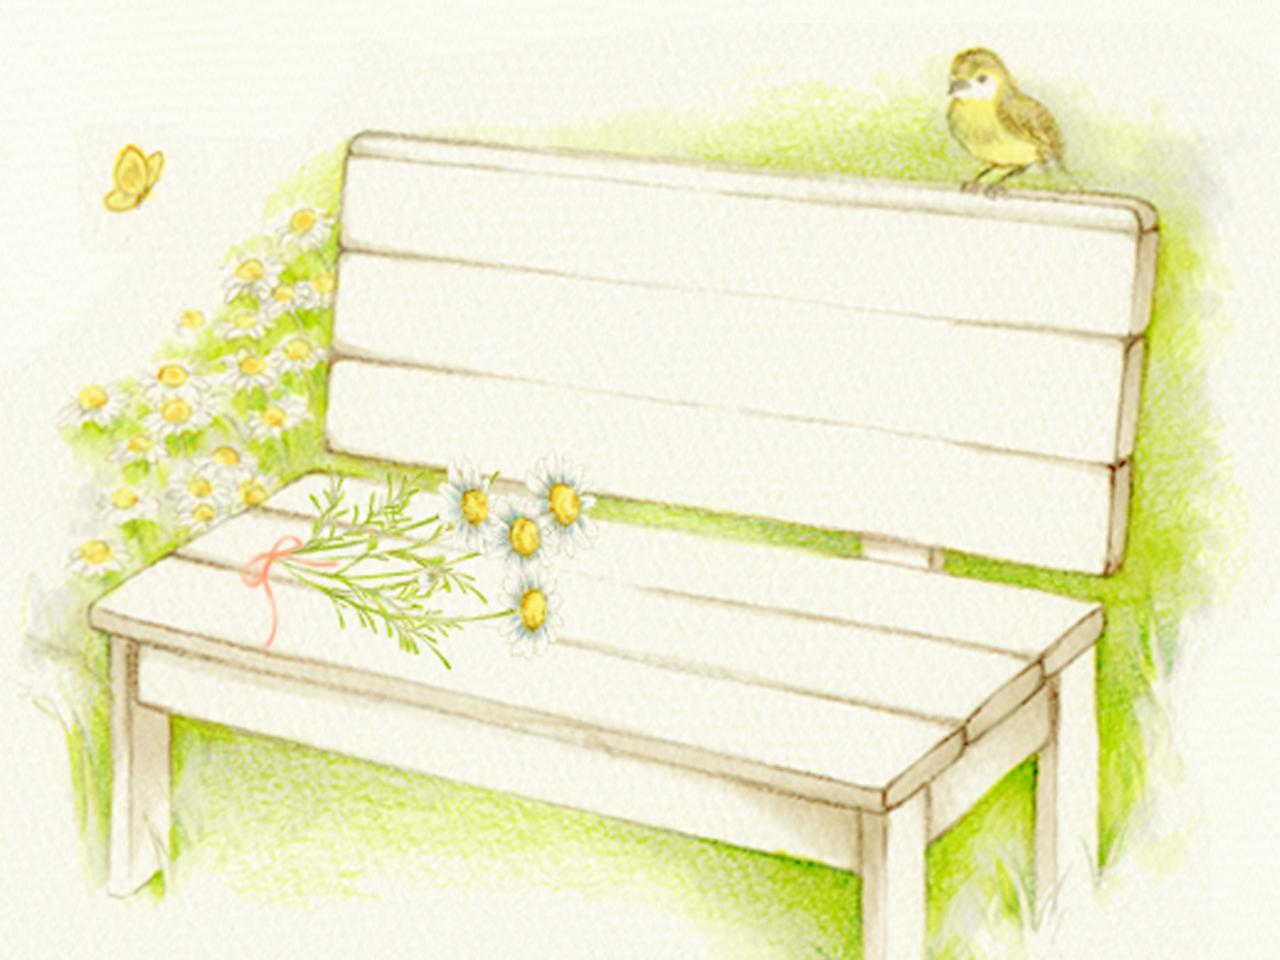 ベンチと小鳥と花束のイラスト